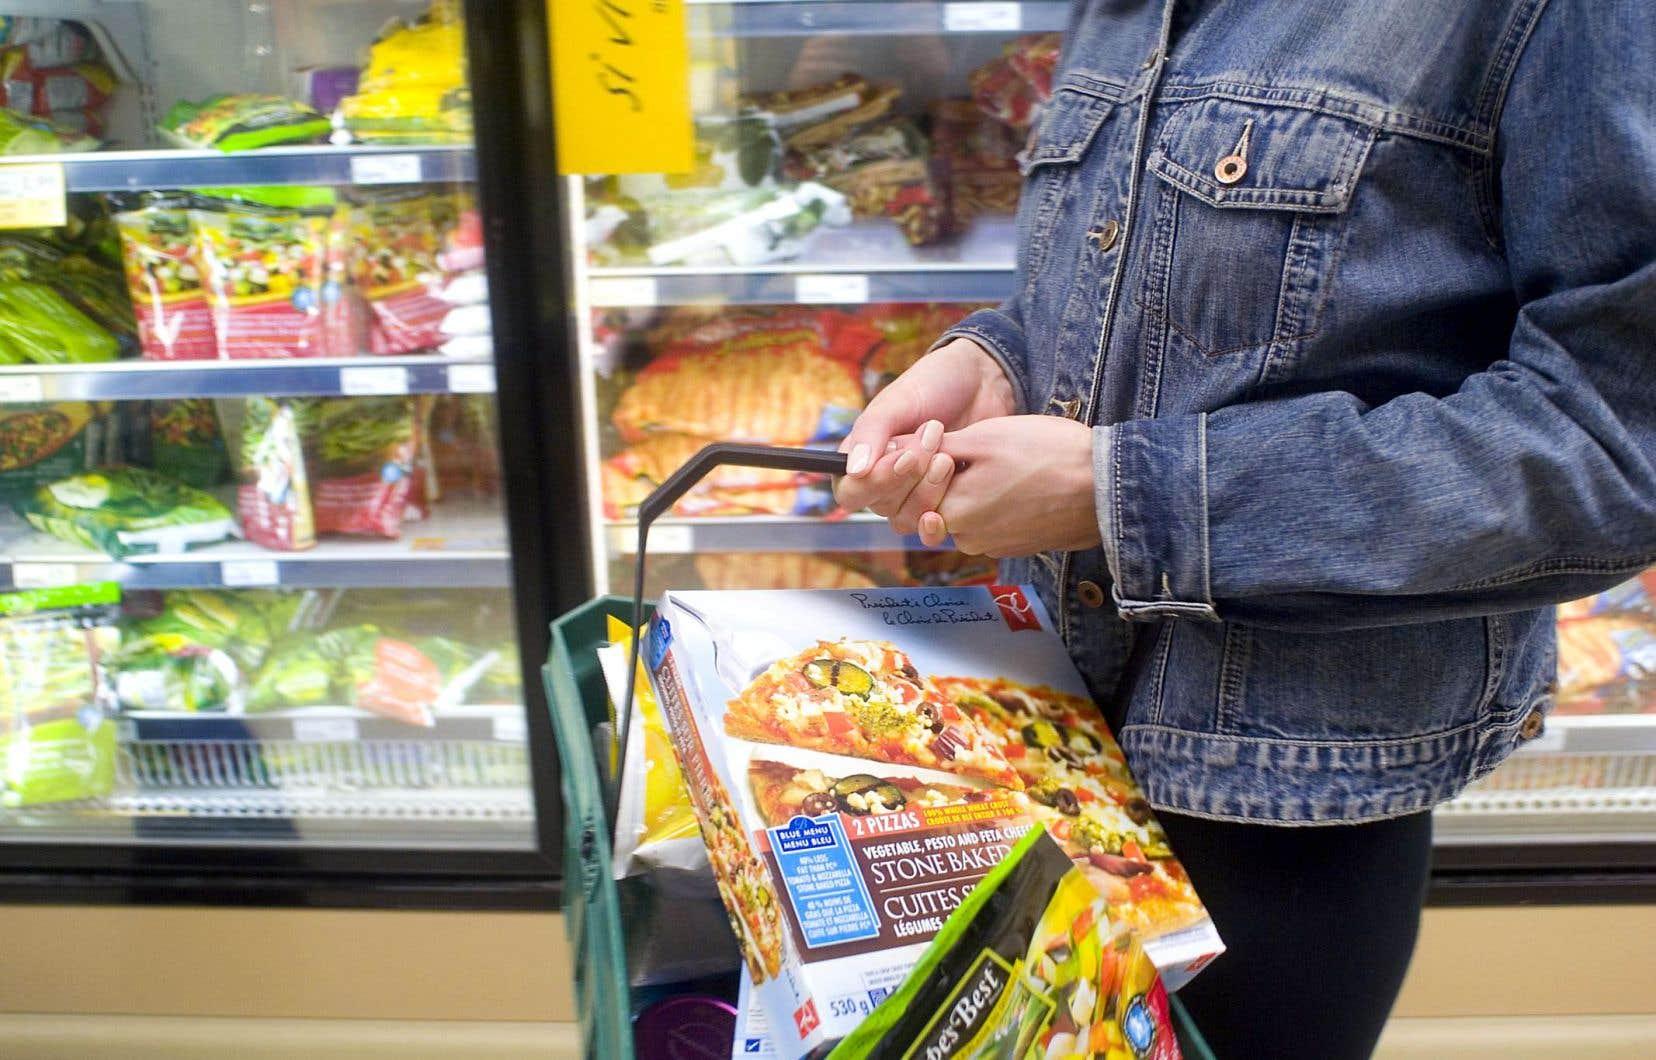 Le quatrième groupe alimentaire concerne les aliments ultratransformés. Ce ne sont plus des produits alimentaires, mais des produits de consommation, très riches en sucre, gras et sel, donc très savoureux.